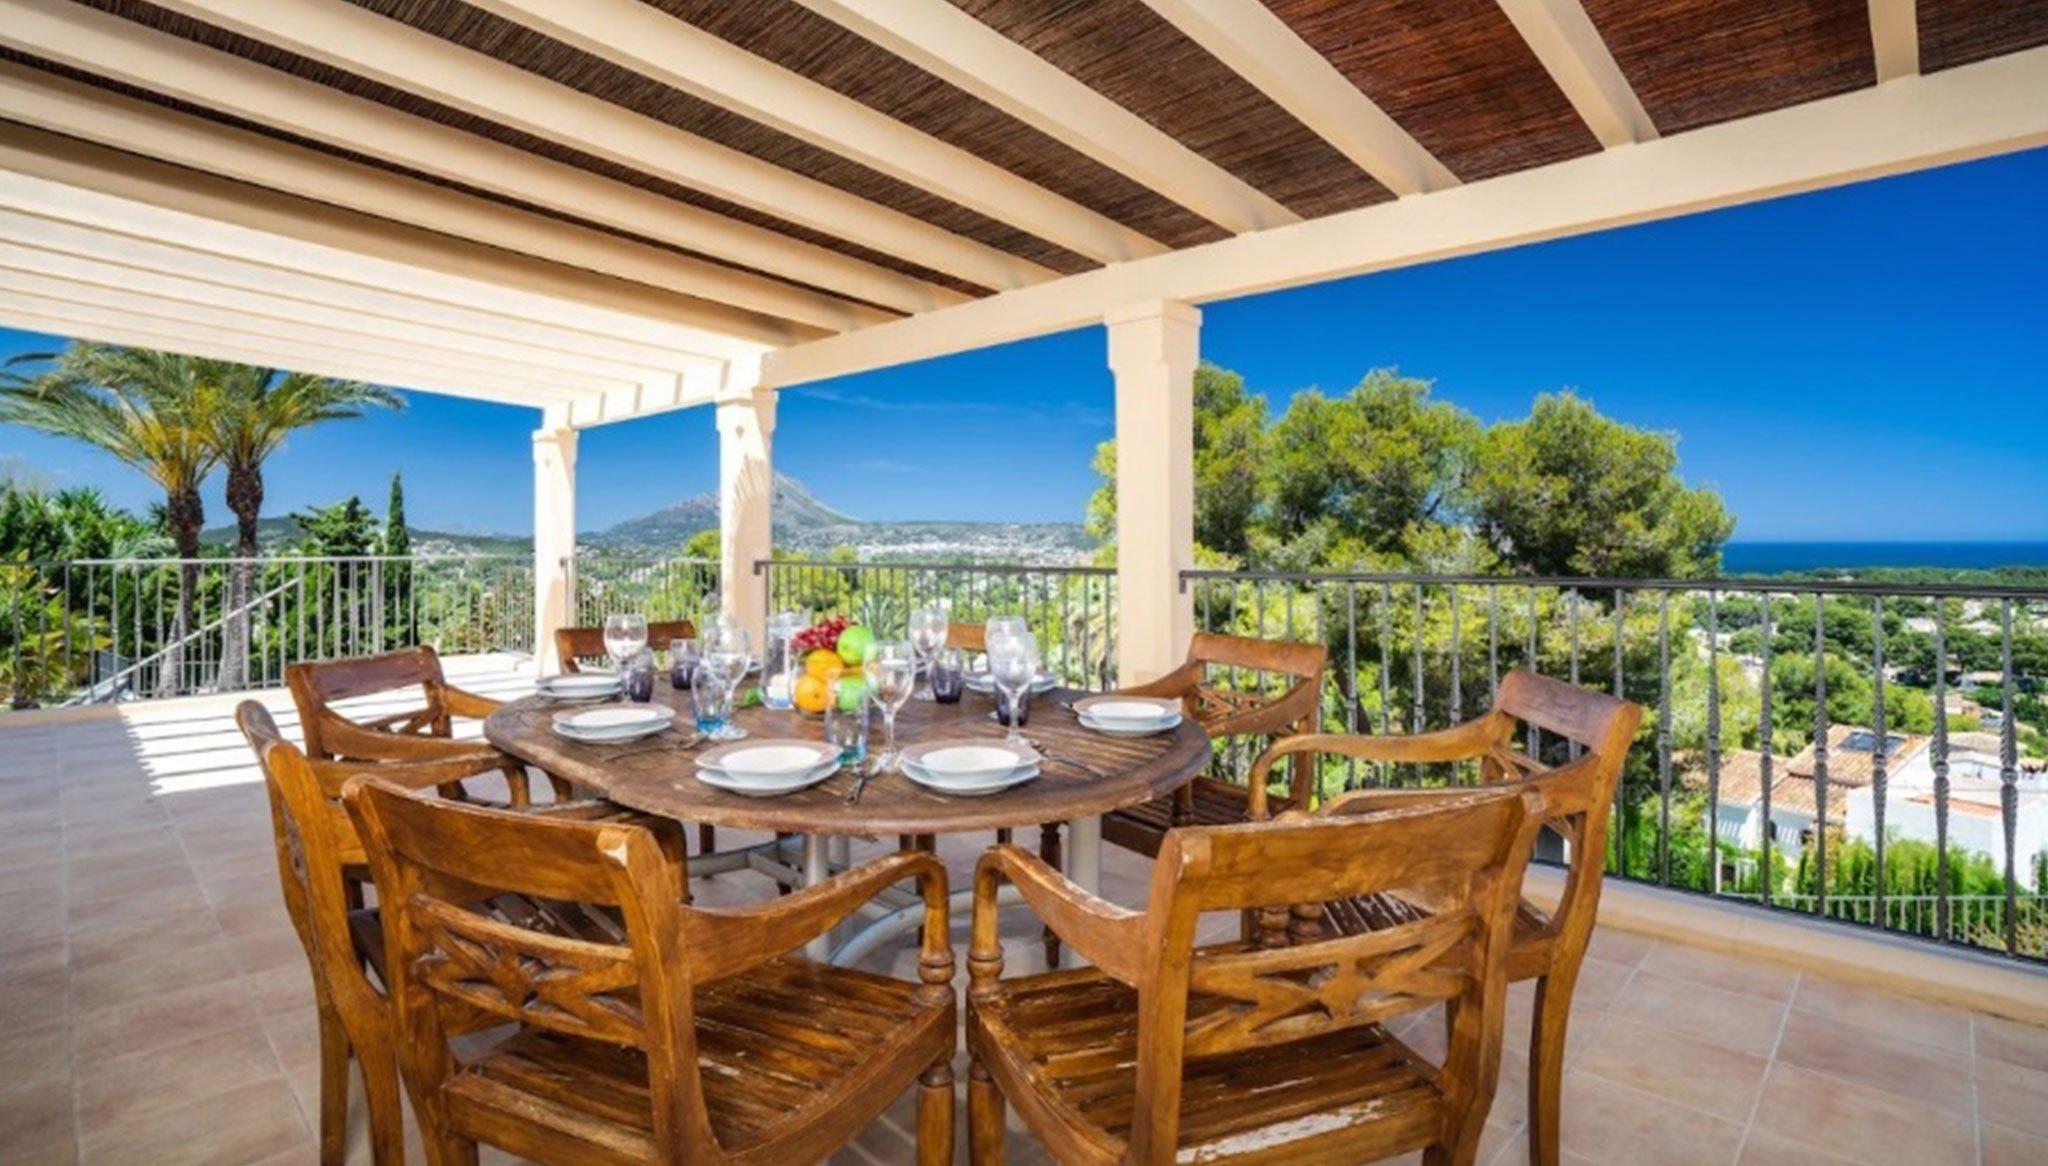 Comedor exterior con vistas en una villa de alto standing en venta en Jávea – Terramar Costa Blanca